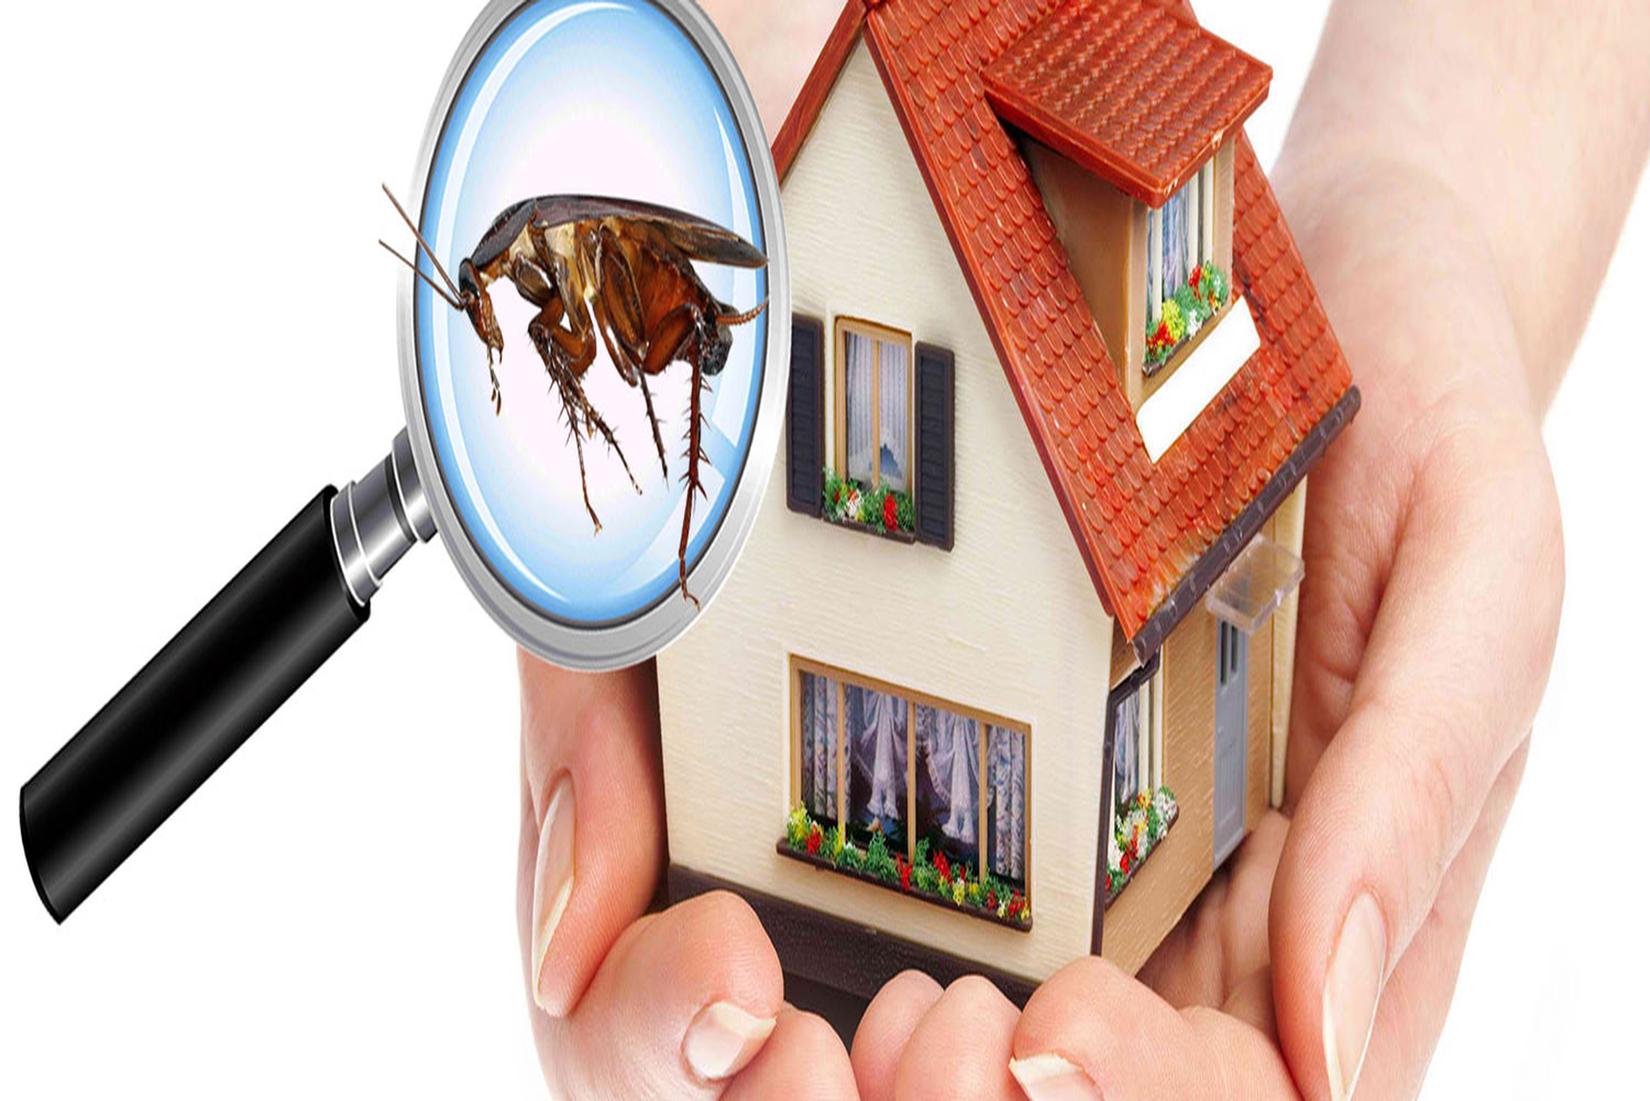 شركة مكافحة الصراصير دبى 0565353098 الامام توفر الشركة أفضل خدمات مكافحة الصراصير دبي نظرا لأنها أكثر الحشرات ا Termite Control Insect Control Pest Control